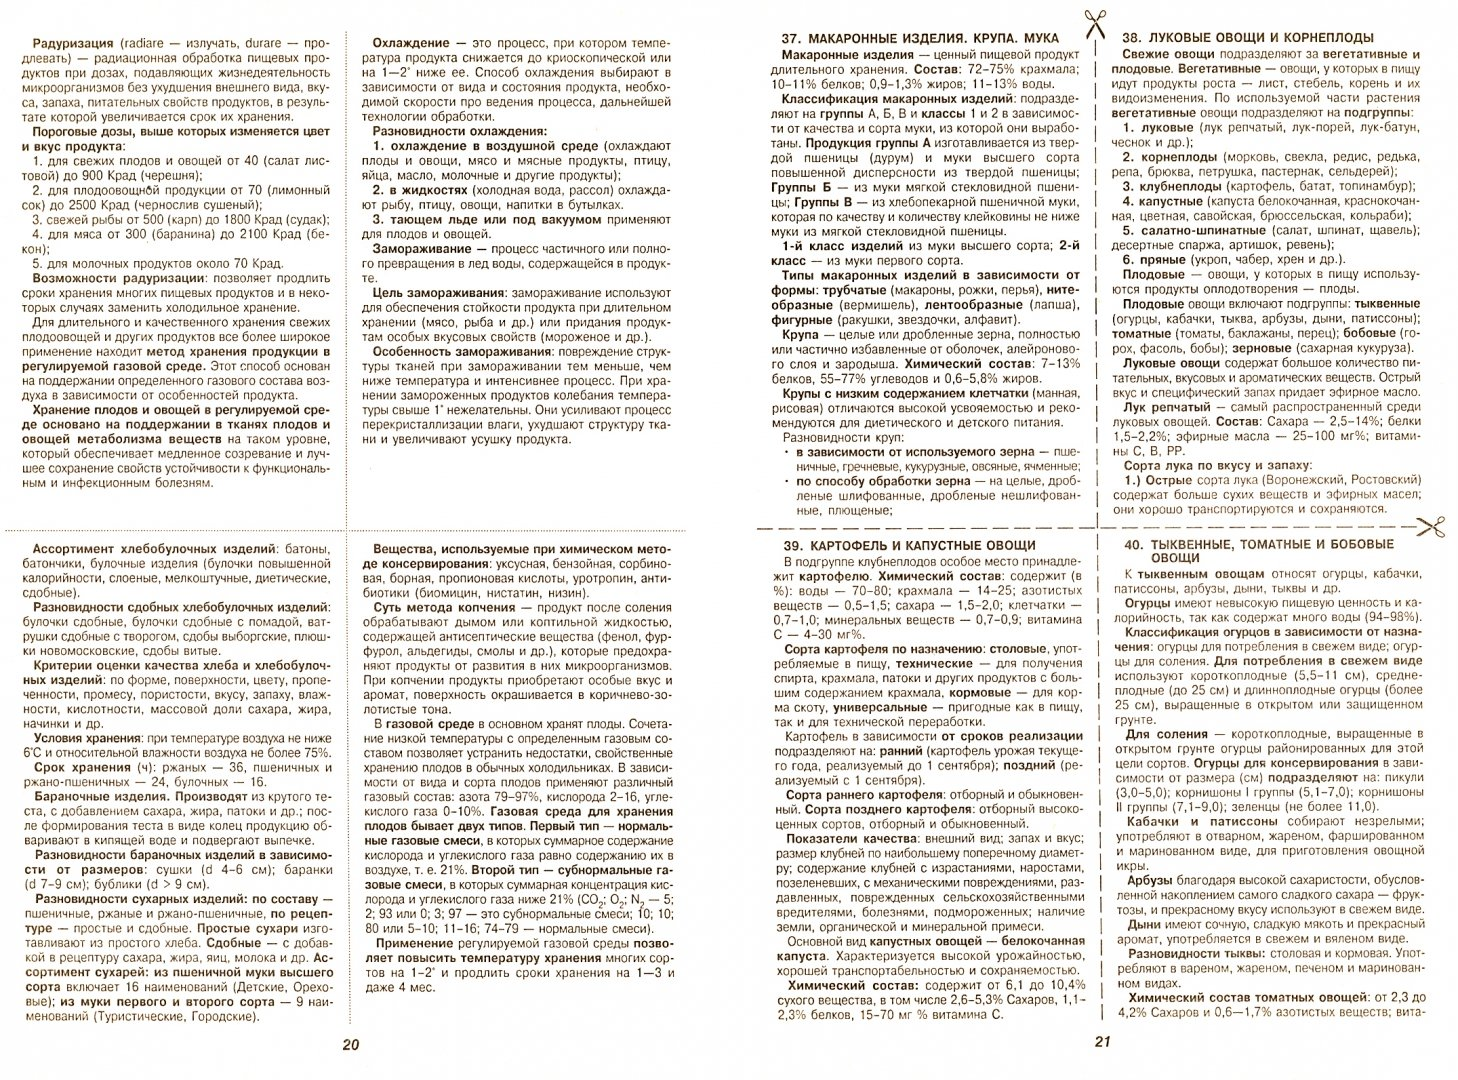 Иллюстрация 1 из 6 для Шпаргалка. Товароведение | Лабиринт - книги. Источник: Лабиринт